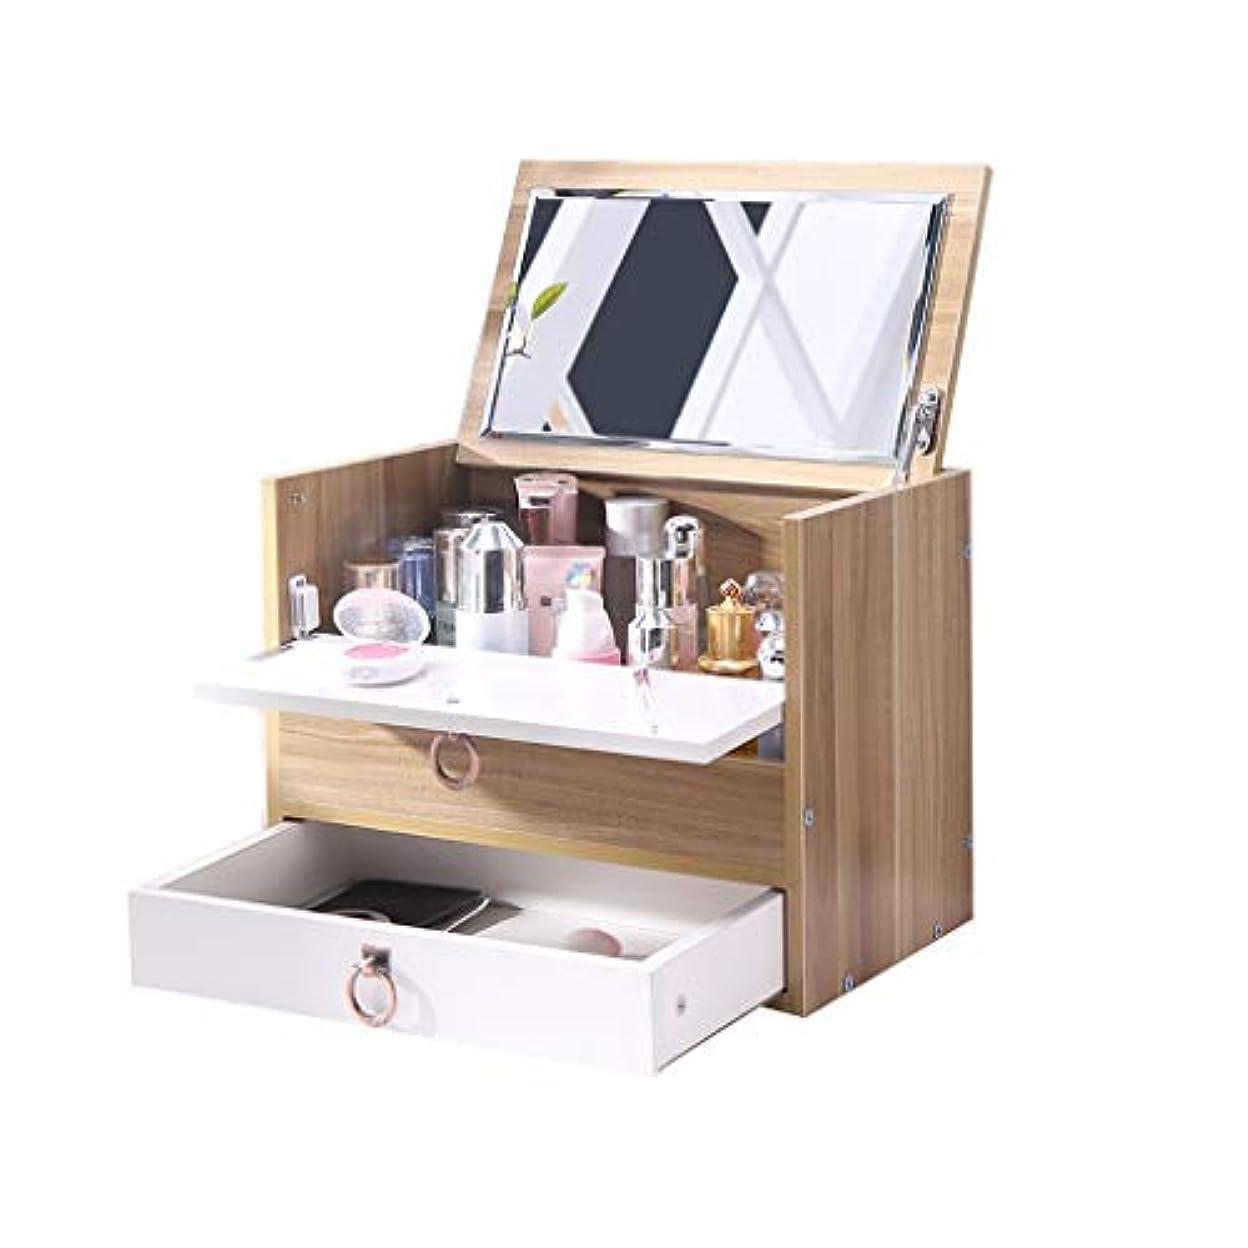 フルーツ野菜抑制する敬意ミラーの引出しフレームの櫛のテーブルの化粧箱が付いている木の化粧品の収納箱の卓上